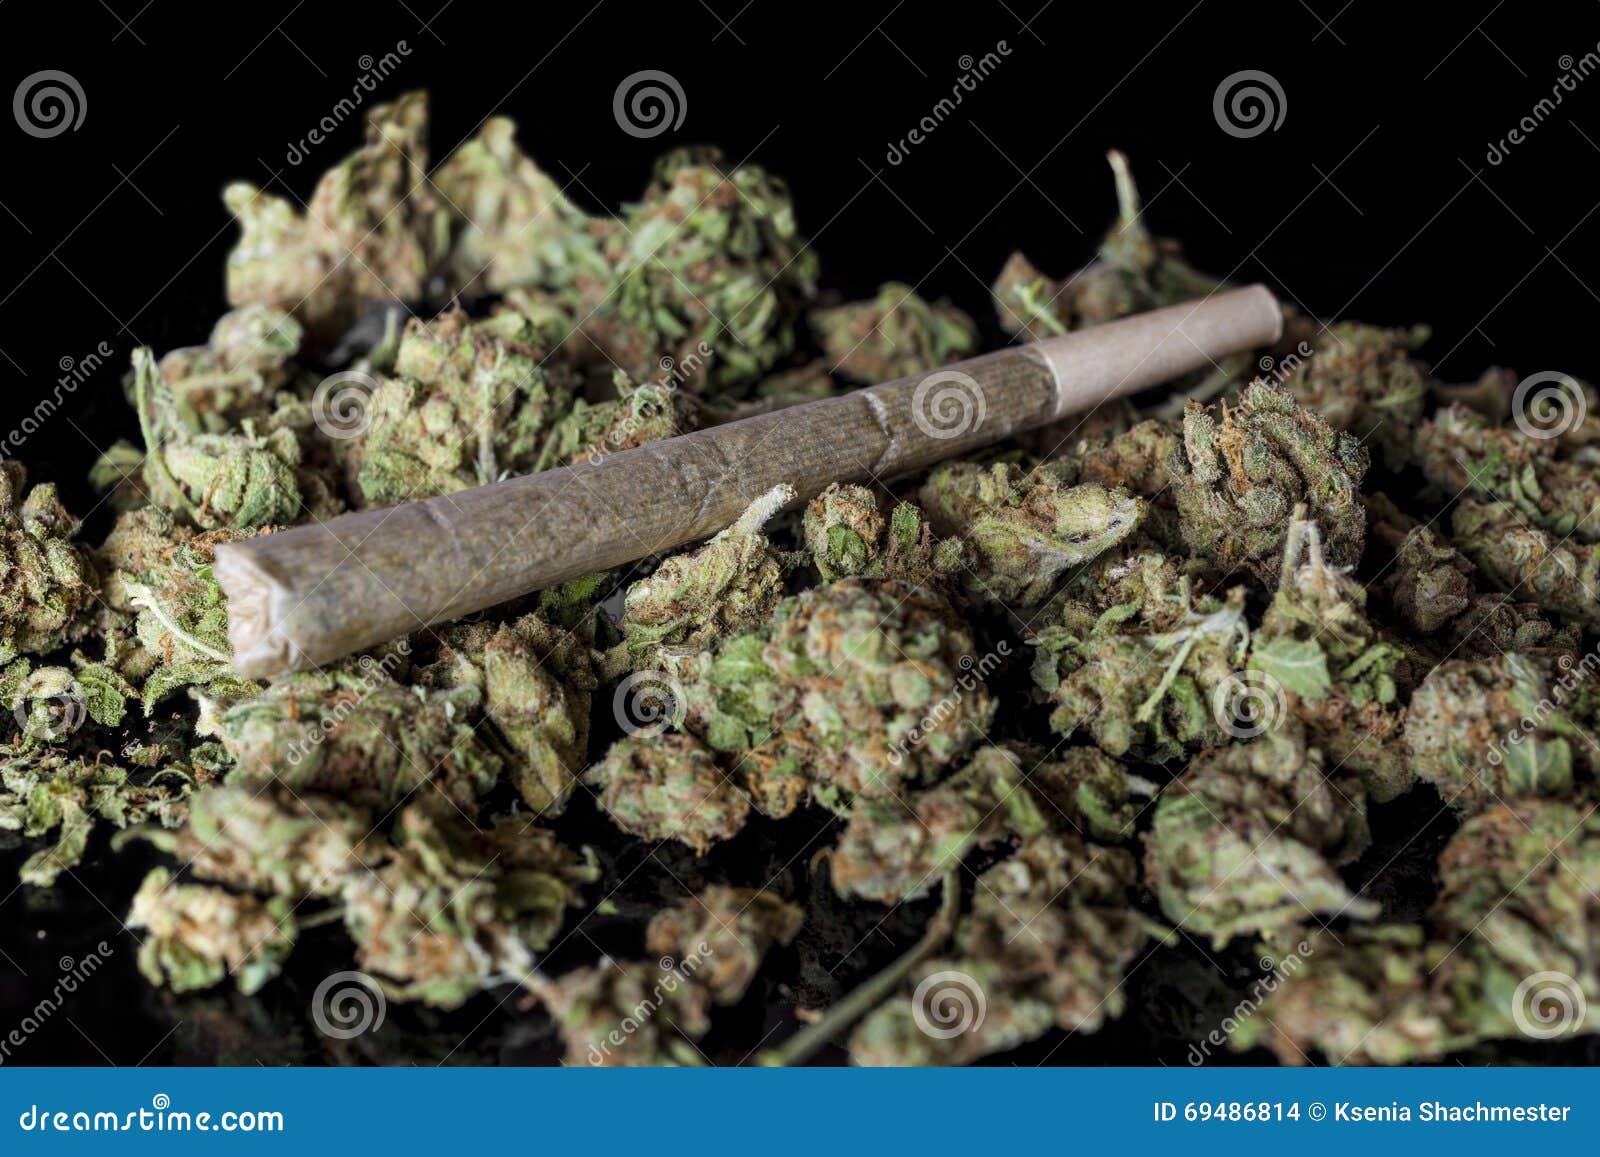 Medische cannabisverbinding op cannabisknoppen op zwarte van kant